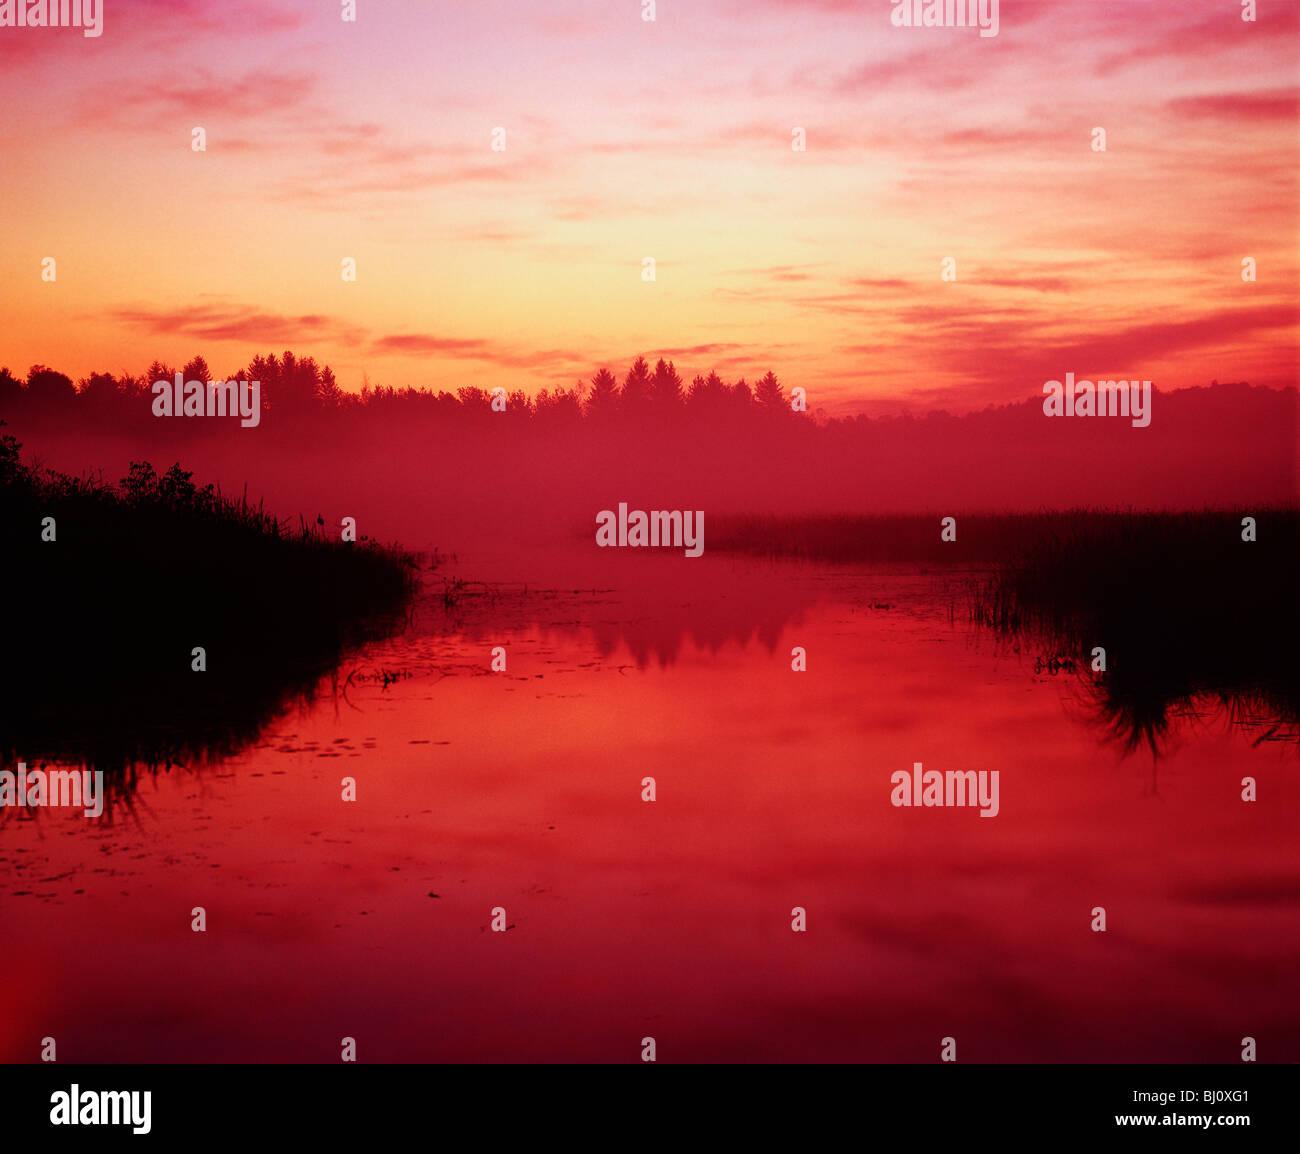 Colorido amanecer rojo cielo reflejado en Mendon estanques, Mendon estanques County Park, cerca de Rochester, Nueva Imagen De Stock